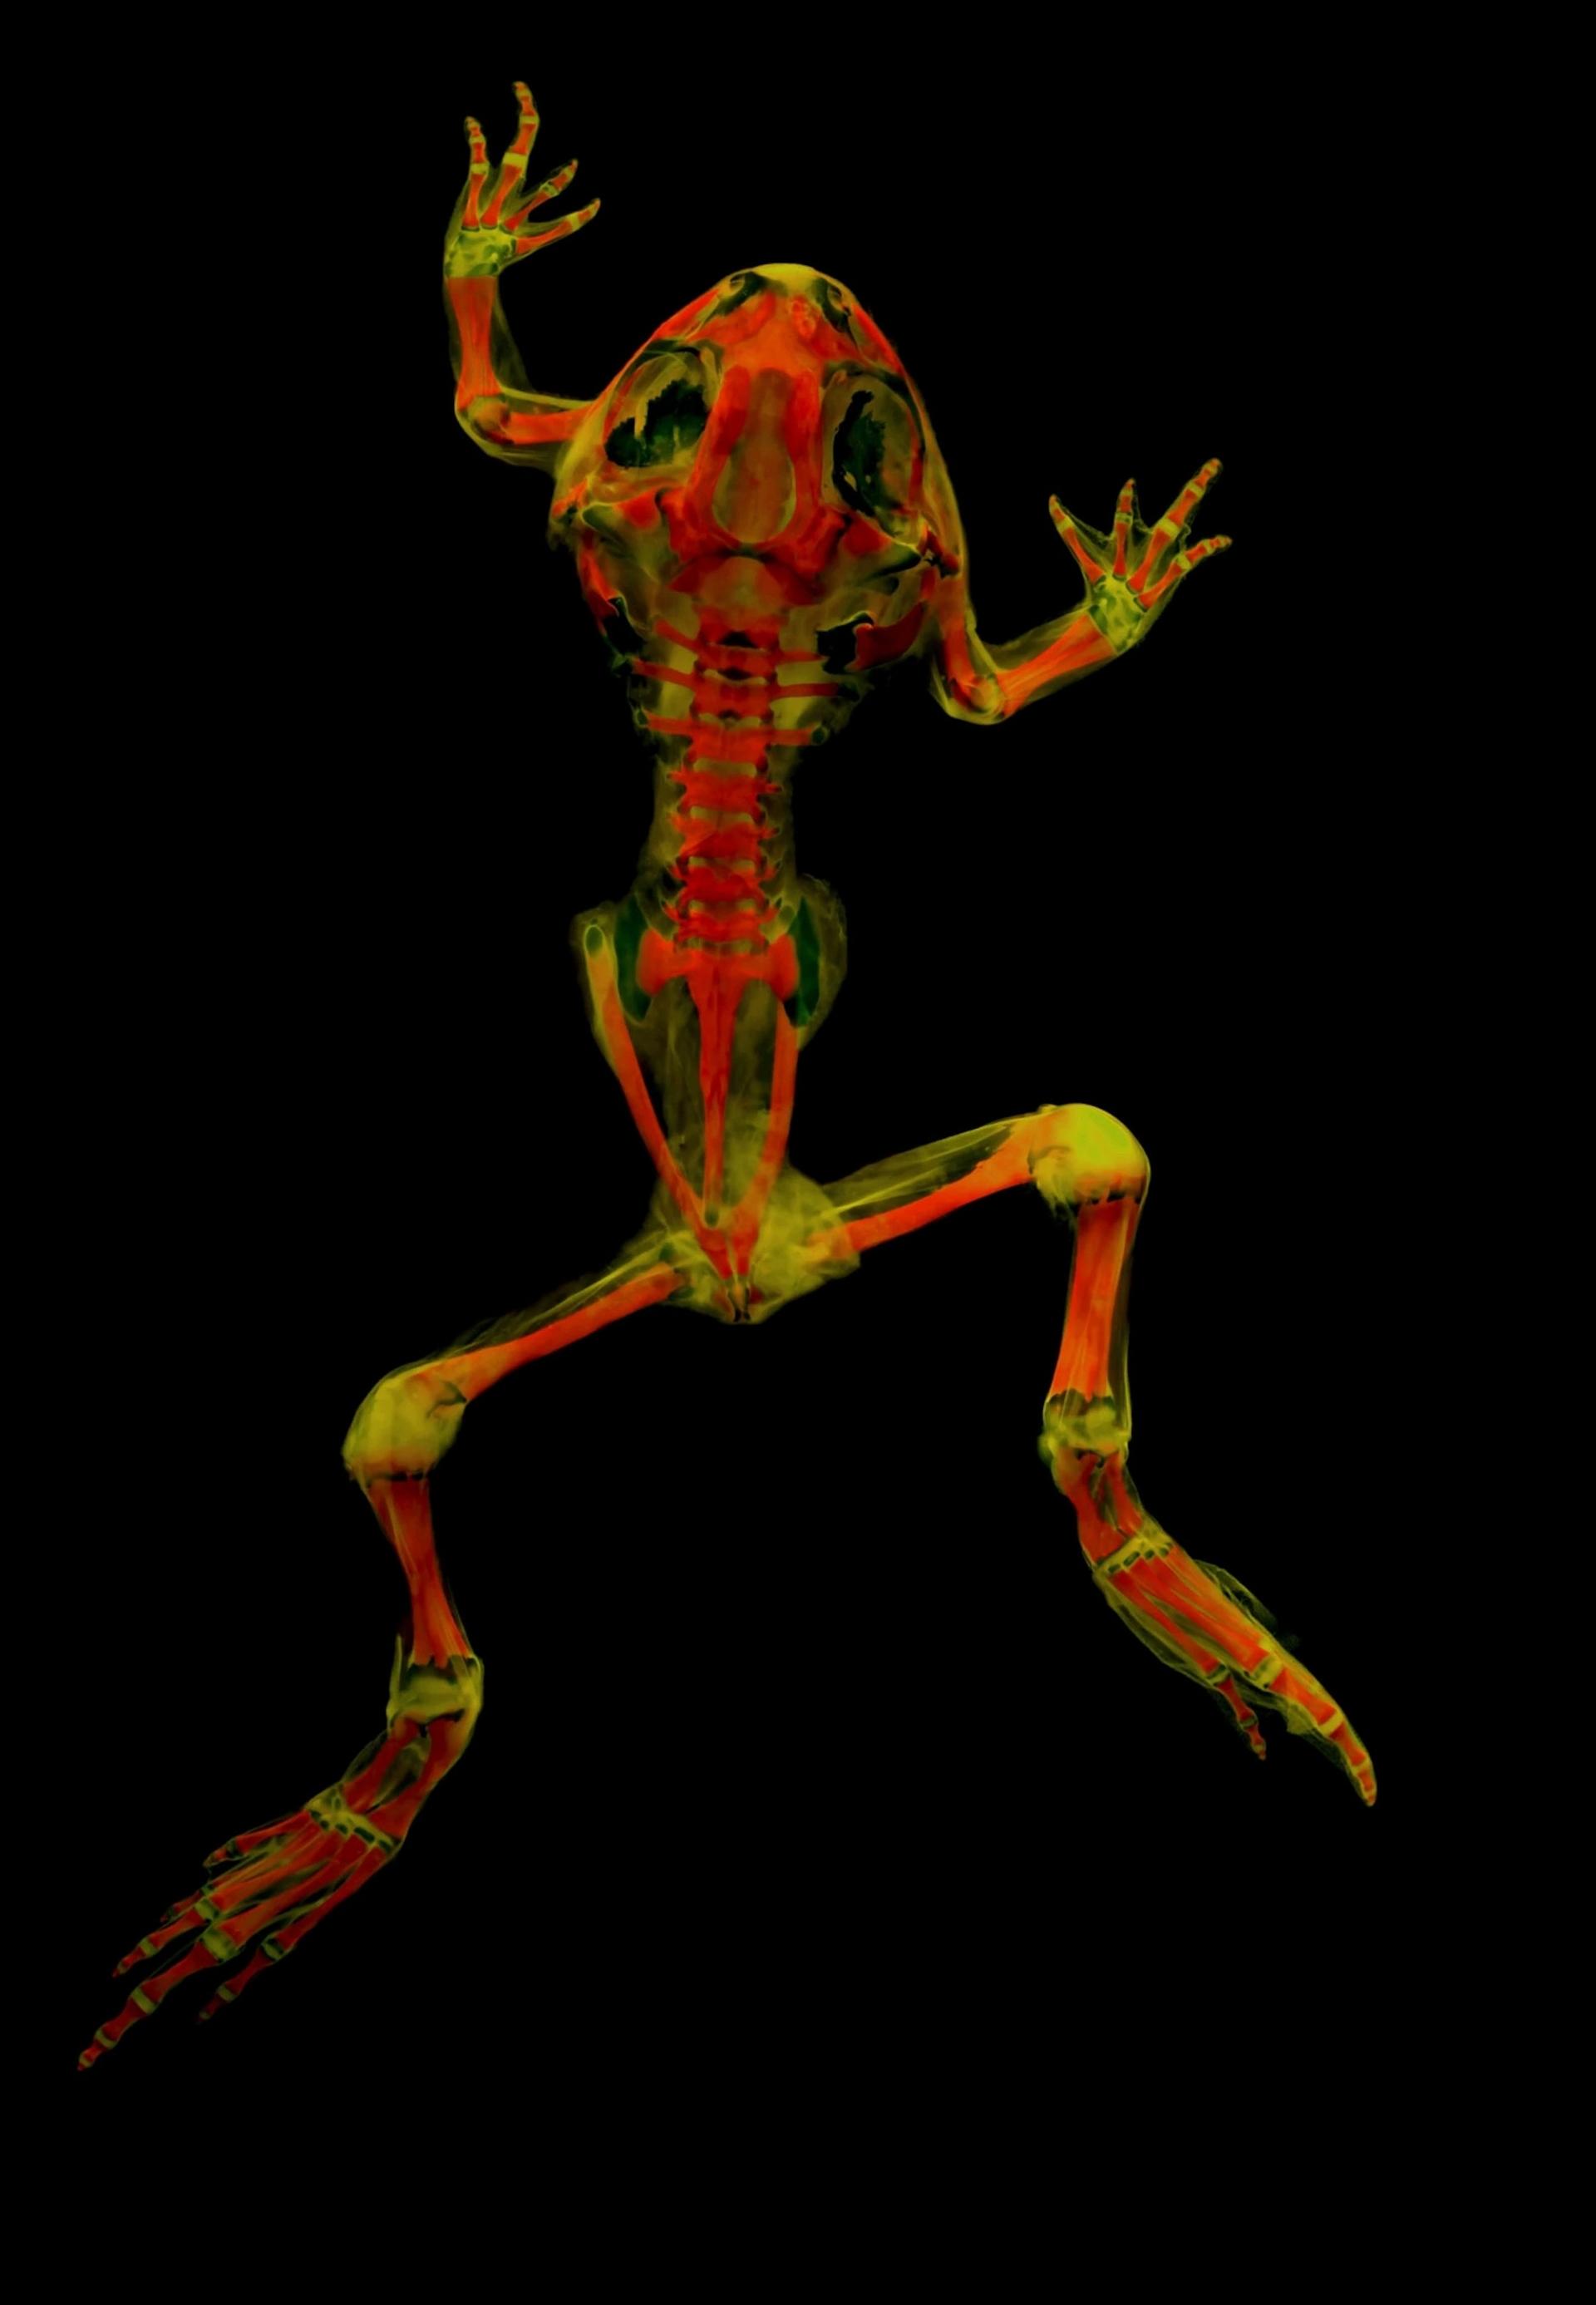 平原鋤足蟾(plains spadefoot toad)分布在加拿大到墨西哥的美洲中西部,開發這種攝影技術的研究人員已經開始透過不同的波長與濾鏡進行實驗,看看這些骨頭還能透露出什麼訊息。 PHOTOGRAPH BY MATTHEW GIRARD, UNIVERSITY OF KANSAS